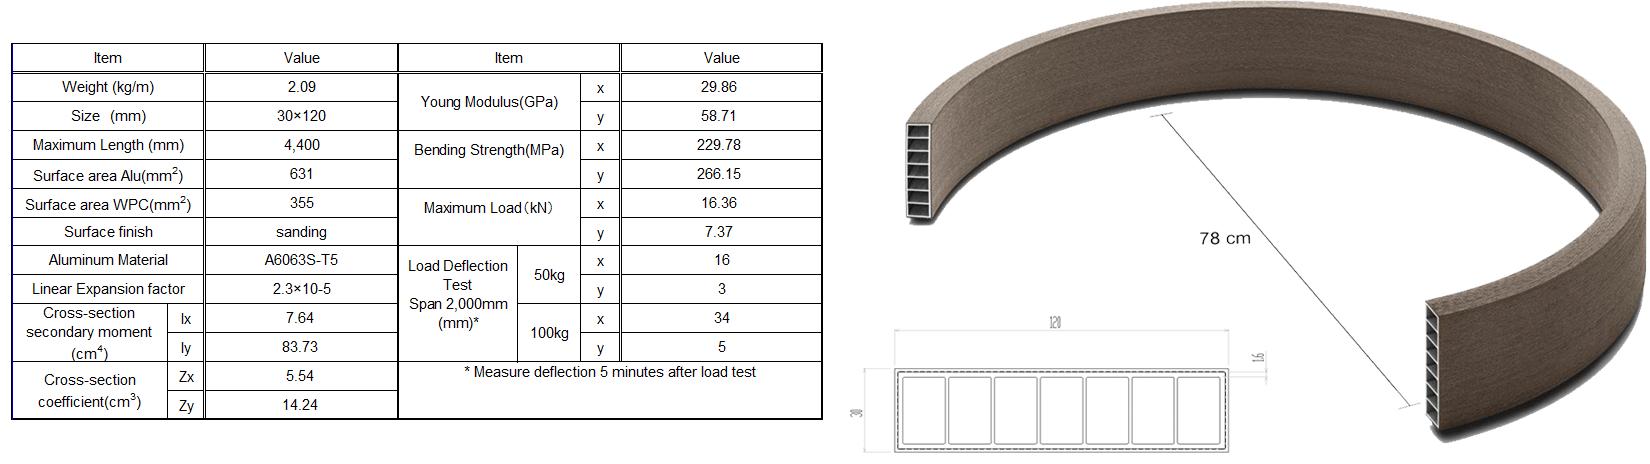 einwood-7026